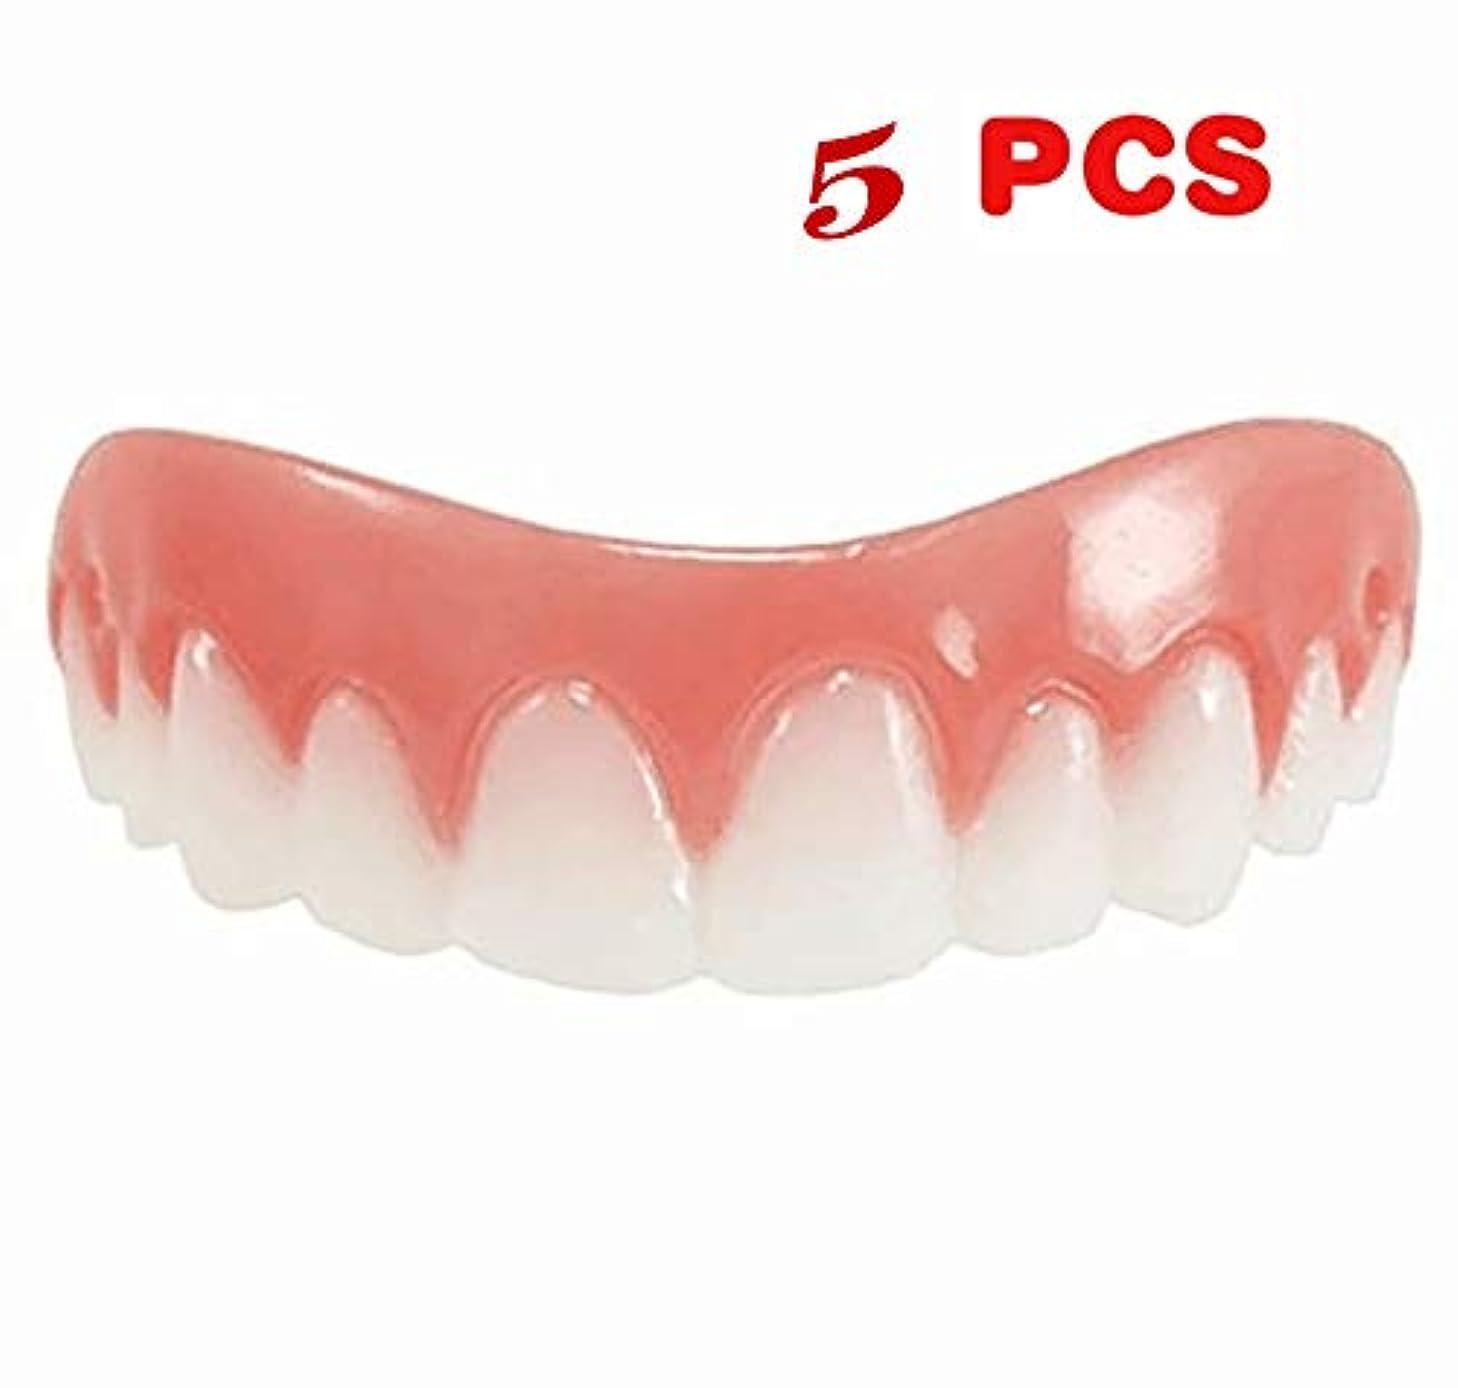 5ピース新しい再利用可能な大人のスナップオンパーフェクトスマイルホワイトニング義歯フィットフレックス化粧品歯快適な突き板カバーデンタルケアアクセサリー